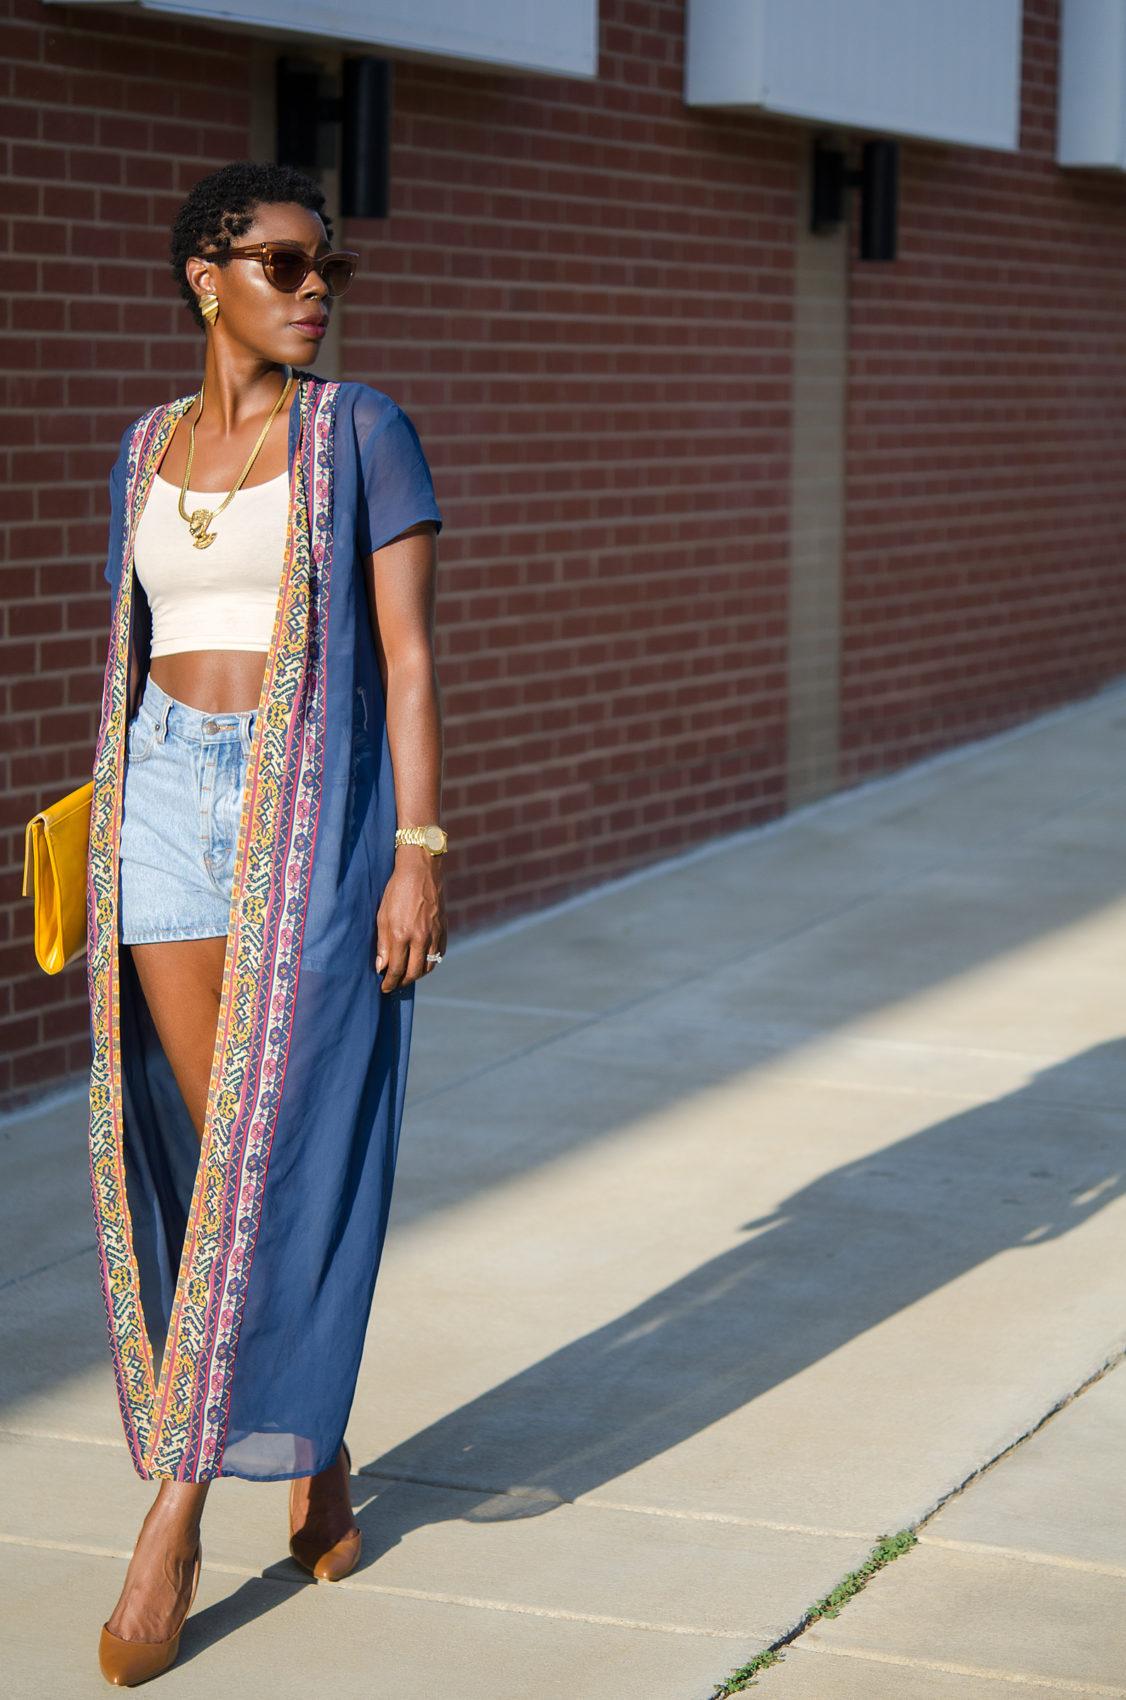 Fashion Swap Find - Charlisha Renata